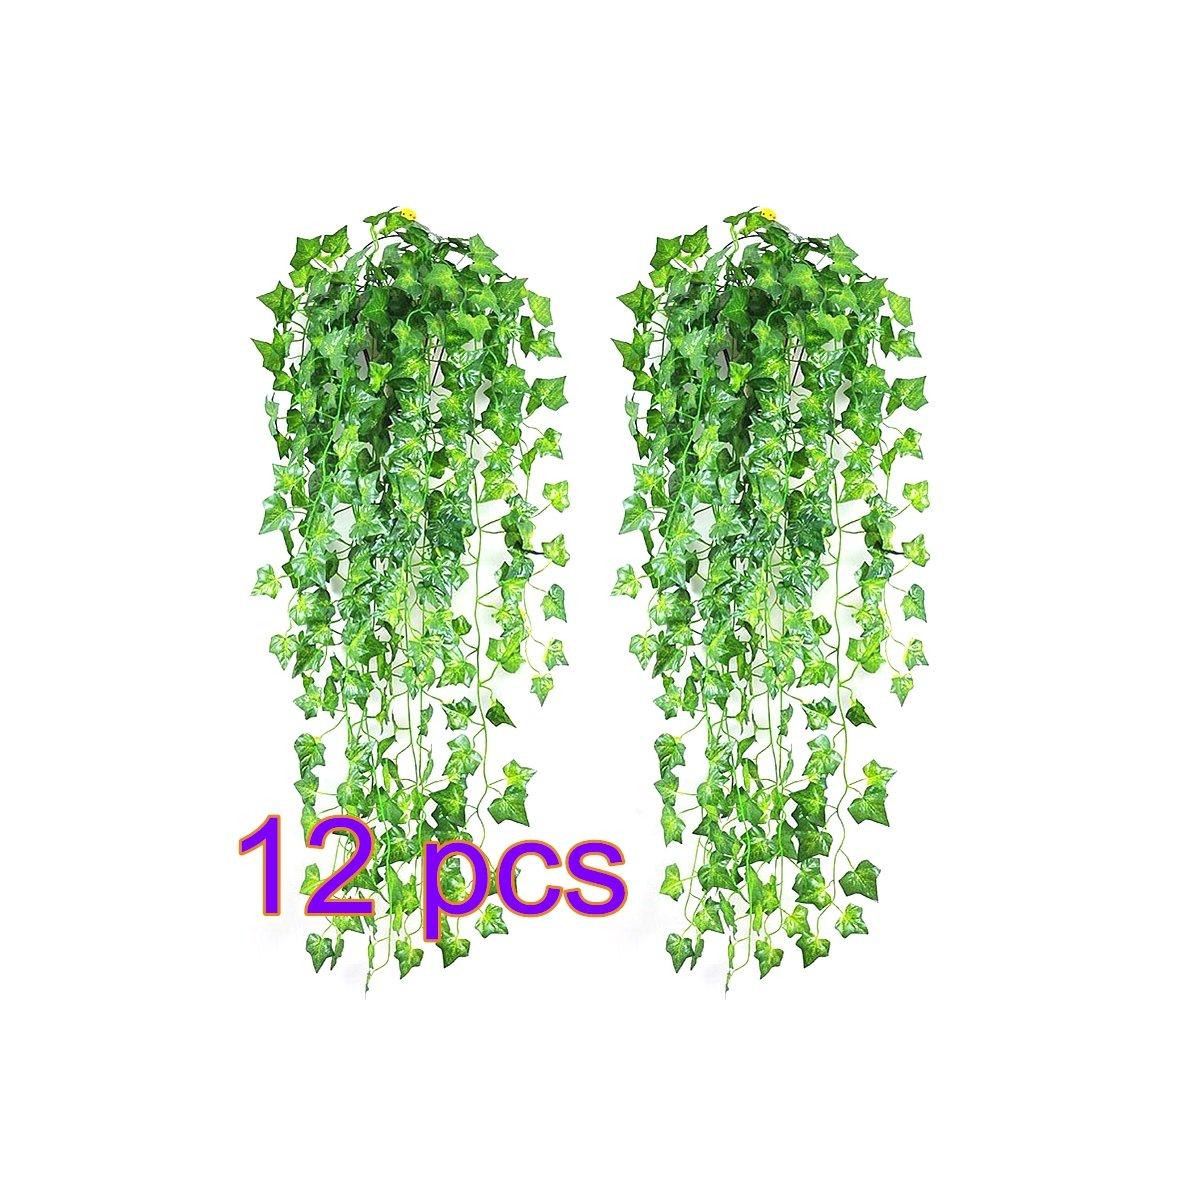 SINOTECH Kü nstliche Green Leaf –  Girlande Pflanzen Ivy Vine Blattwerk Hochzeit Home Dekoration, grü n, 1 Stpck